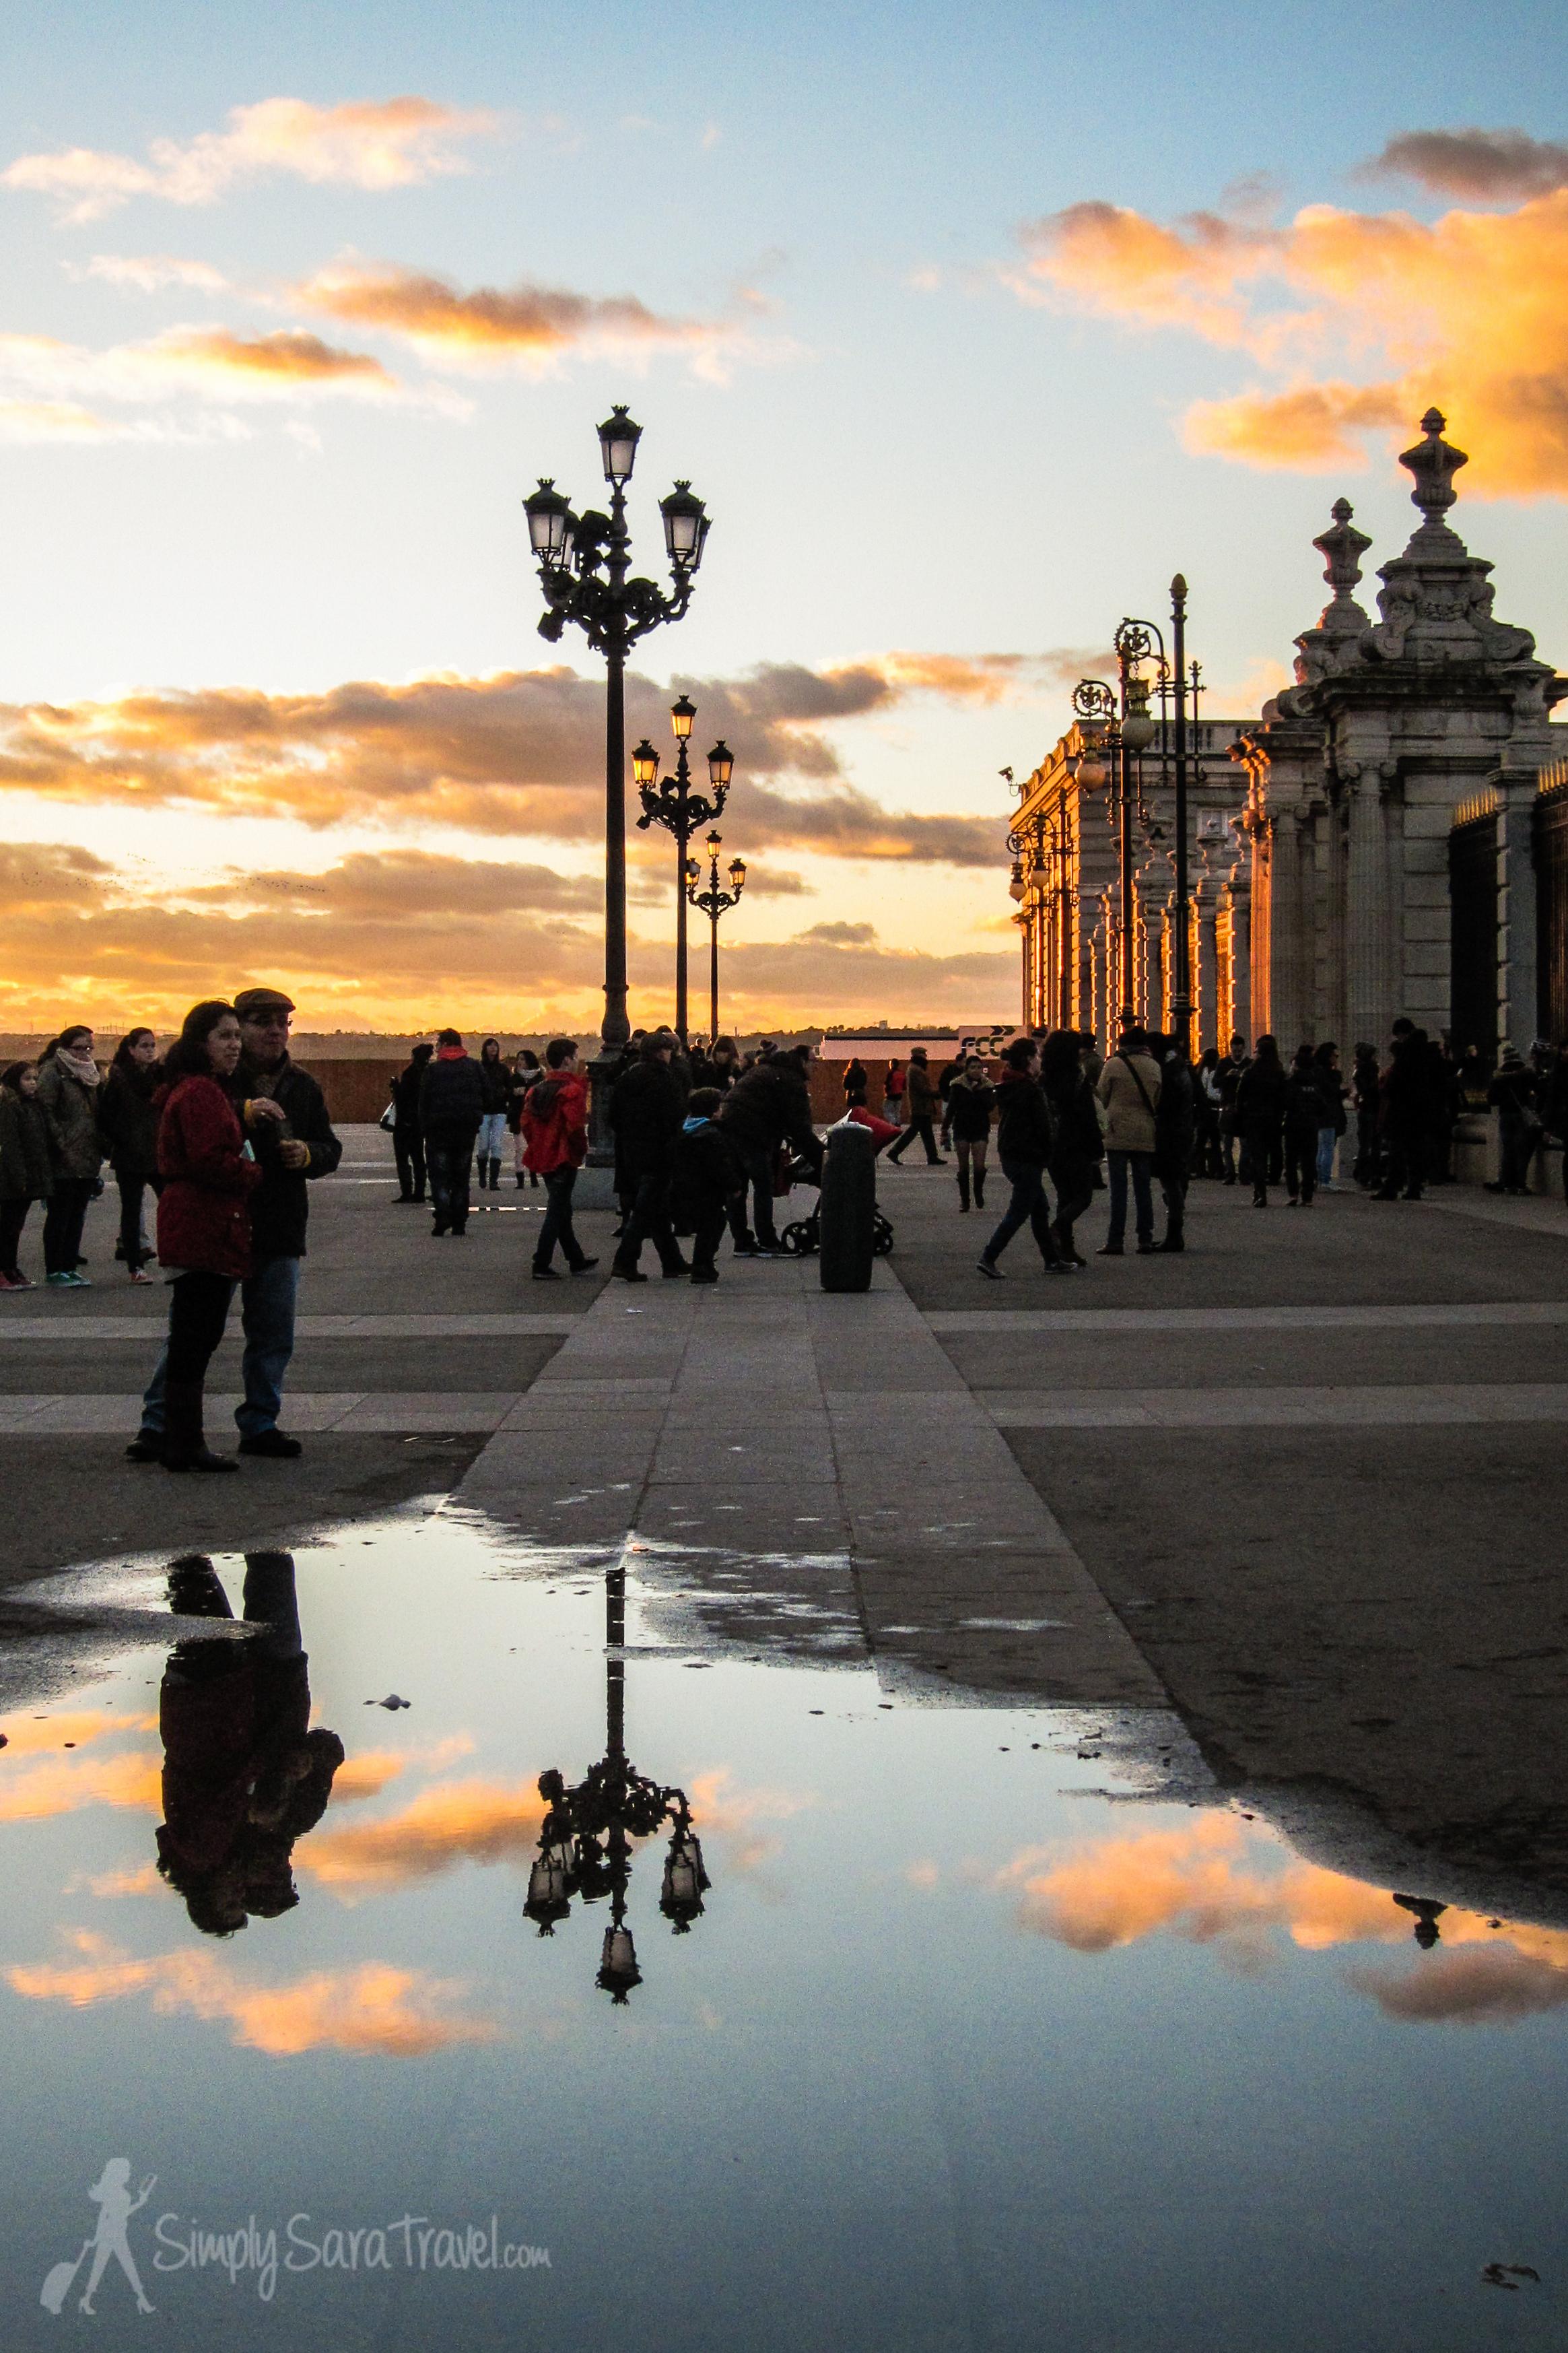 Sunset at the Palacio Real de Madrid (Royal Palace of Madrid)